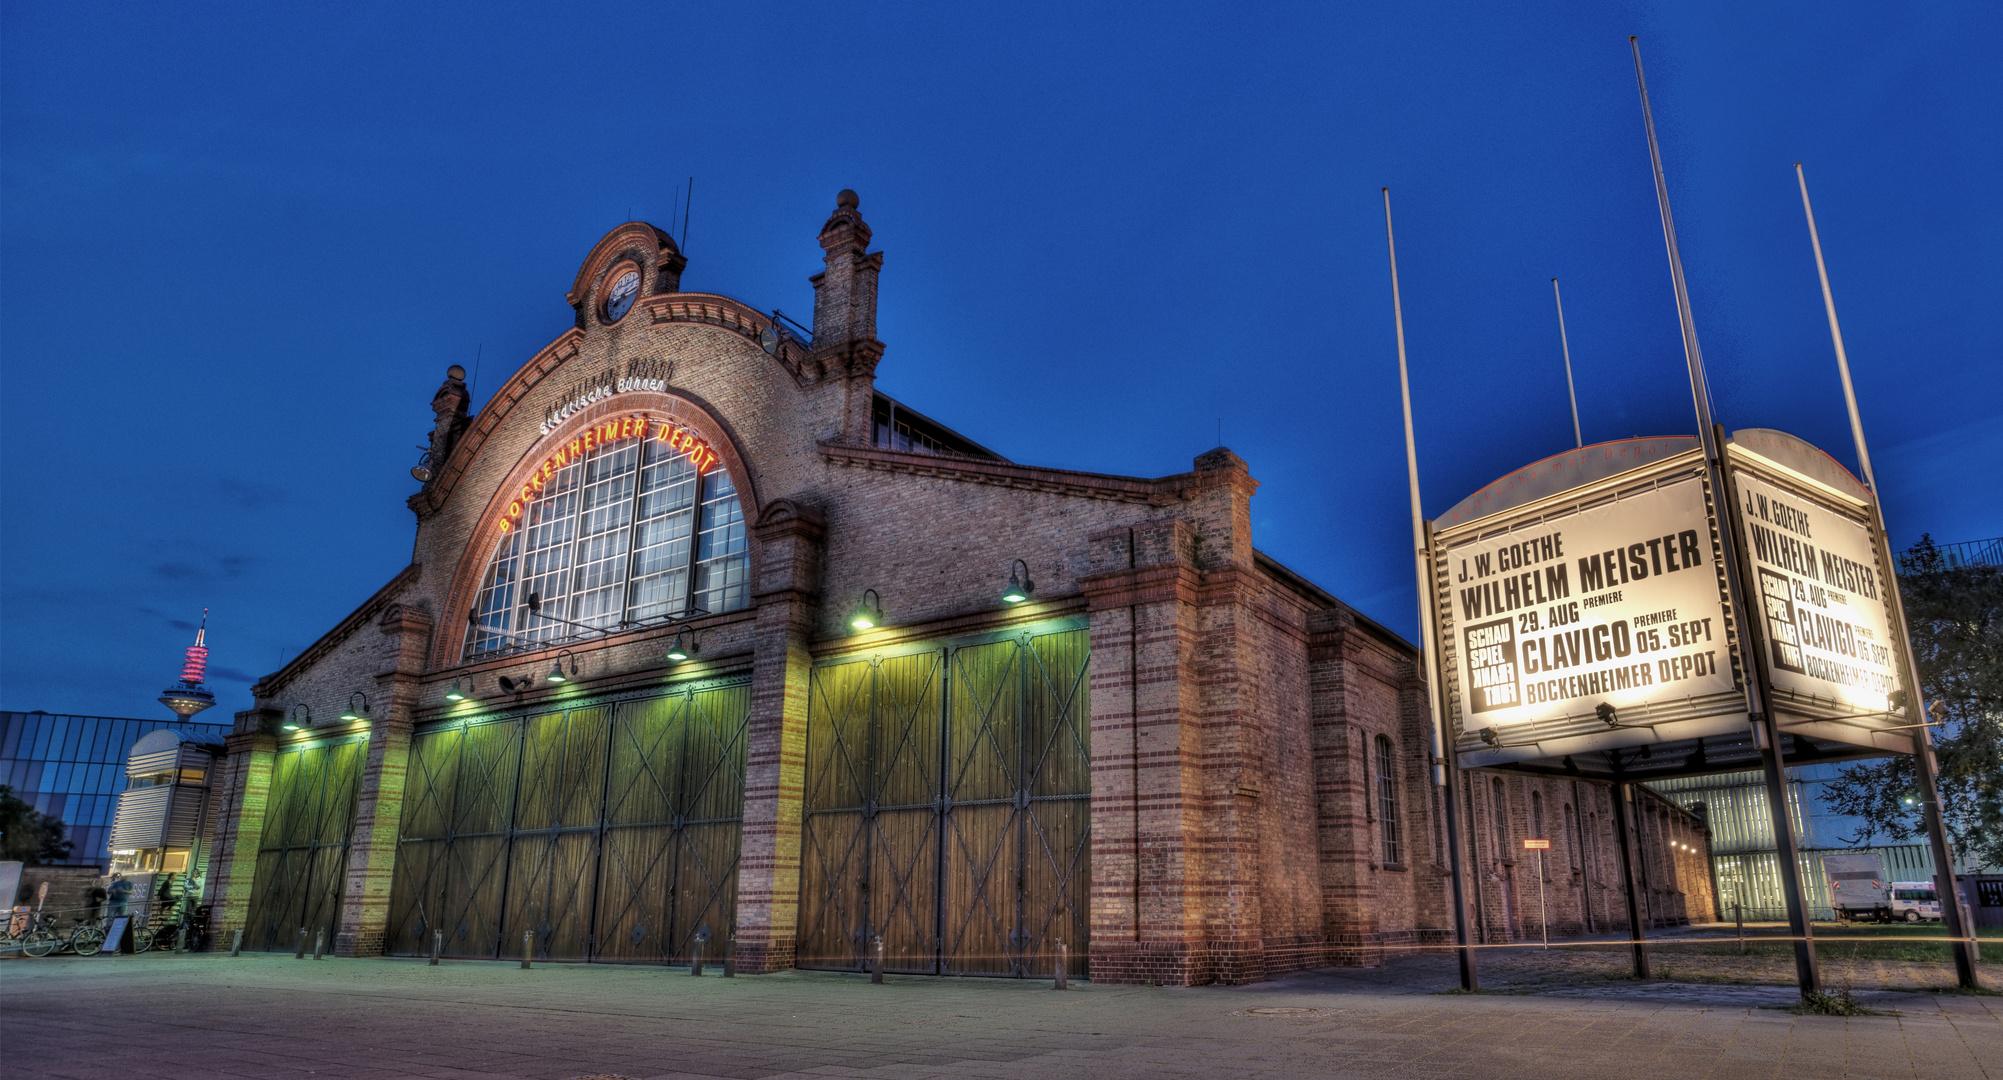 bockenheimer depot frankfurt am main foto bild